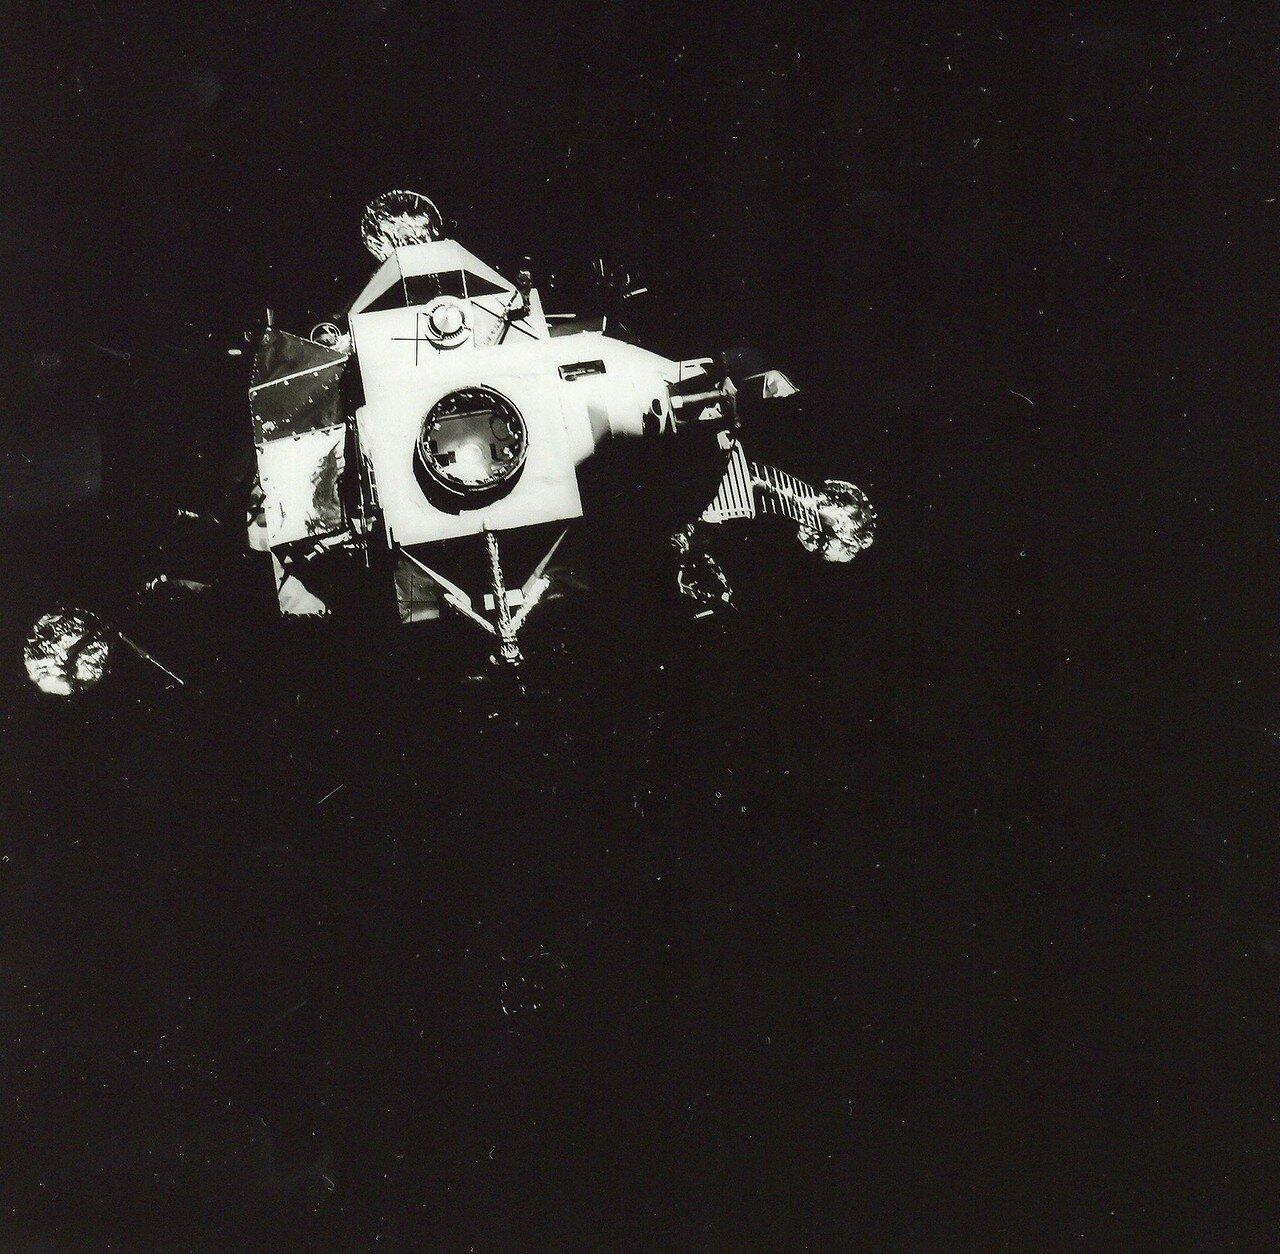 После отработки различных вариантов на Земле было принято решение развернуть корабль на 45 градусов по отношению к направлению своего движения. Затем с помощью двигателей системы ориентации лунного модуля сообщить импульс по оси корабля